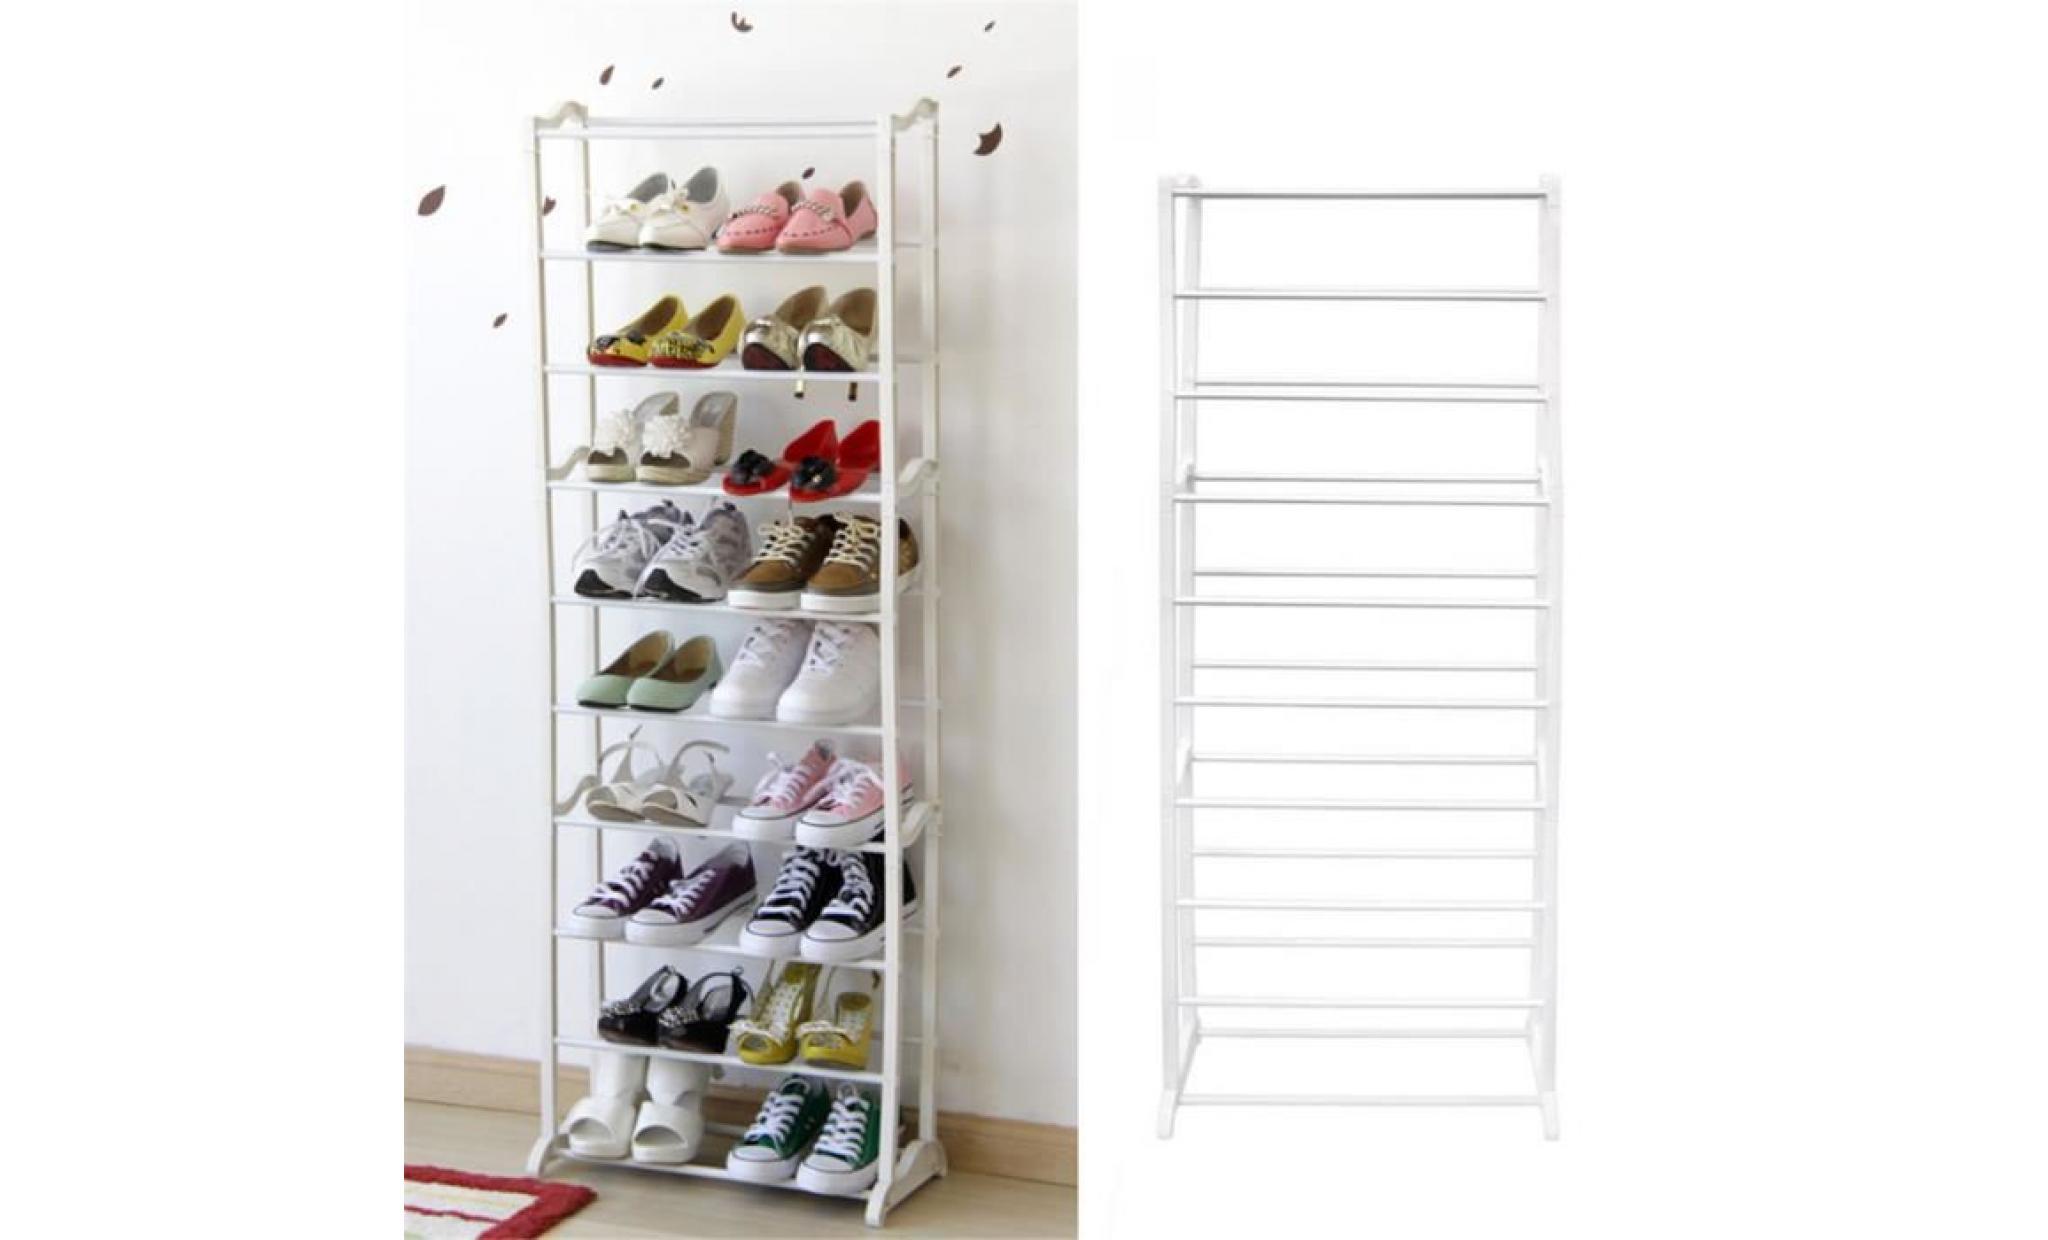 etagere a chaussures meuble a chaussures 10 tiers blanc achat vente meuble chaussure pas cher couleur et design fr